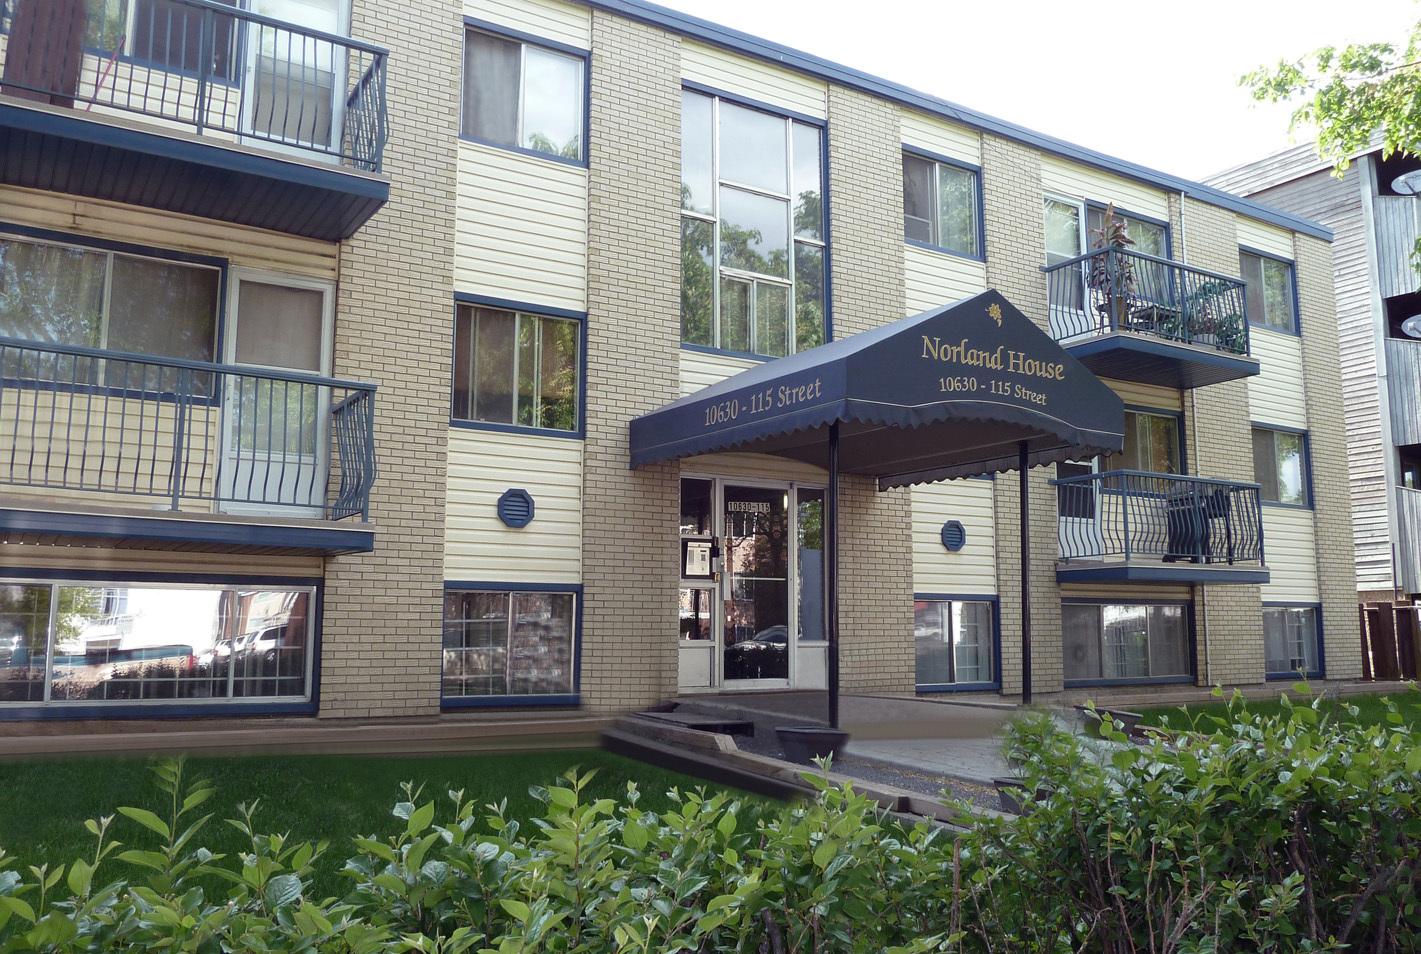 10630 115 Street NW, Edmonton, AB - $835